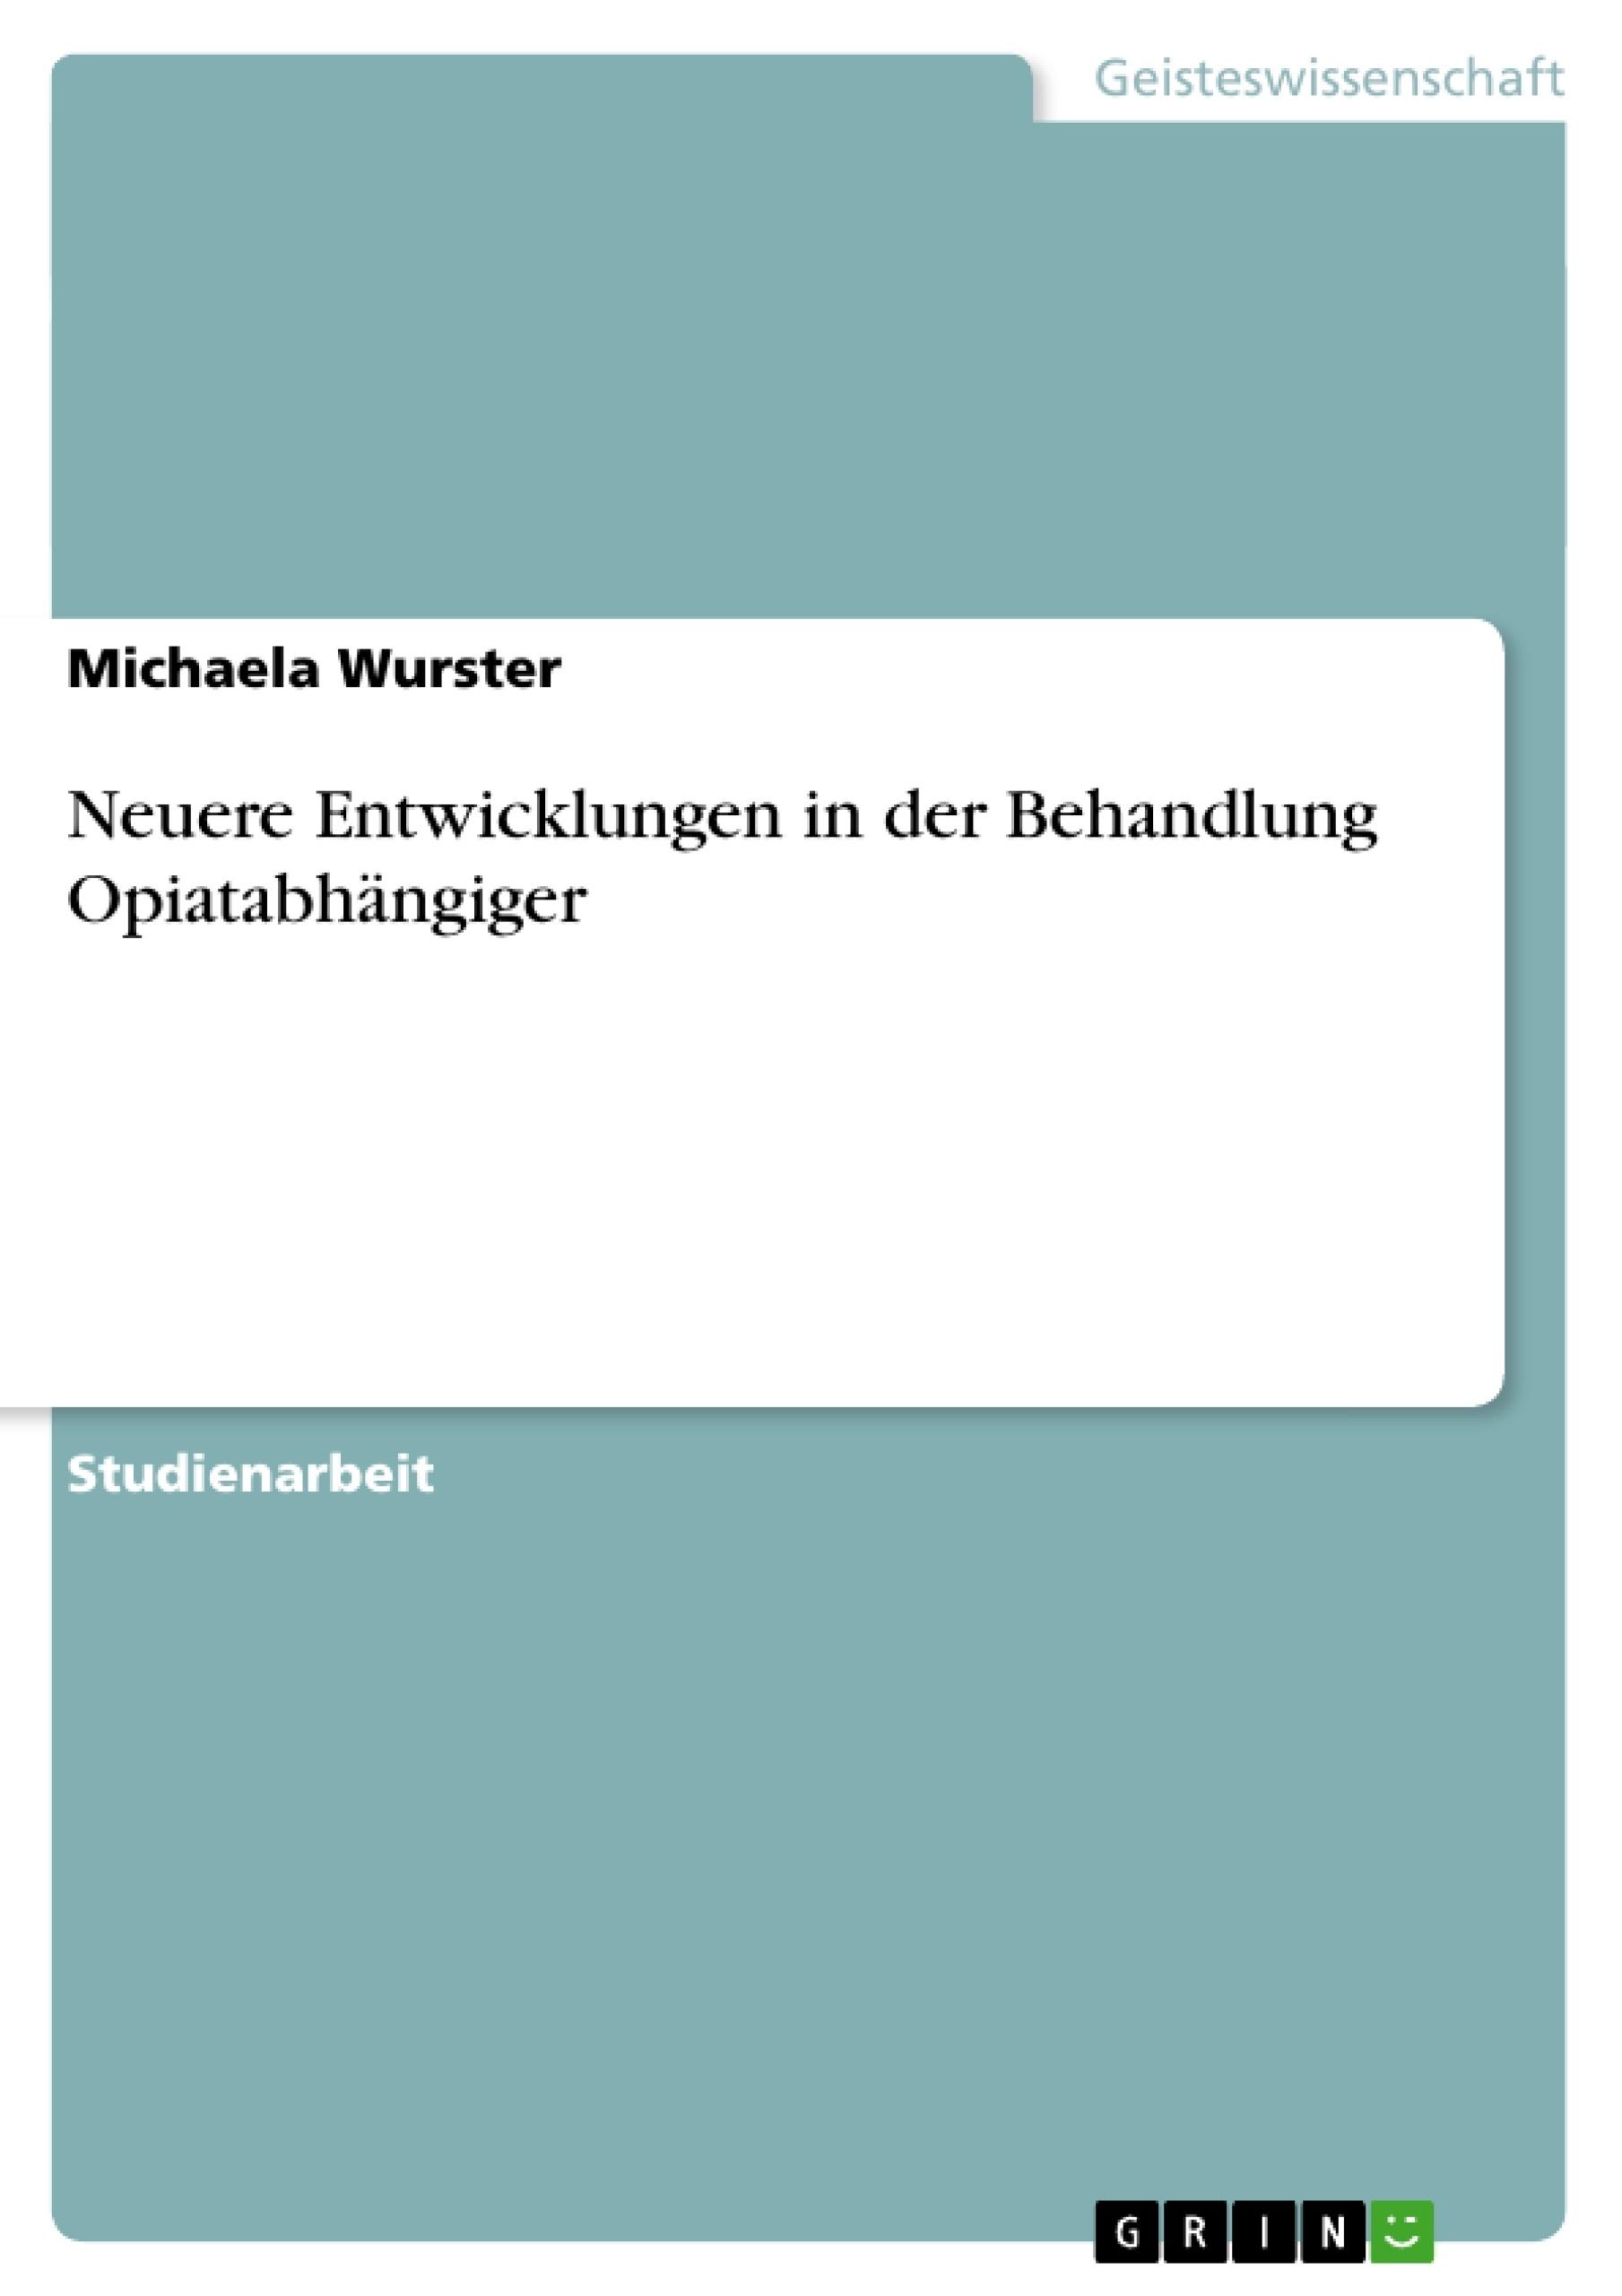 Titel: Neuere Entwicklungen in der Behandlung Opiatabhängiger